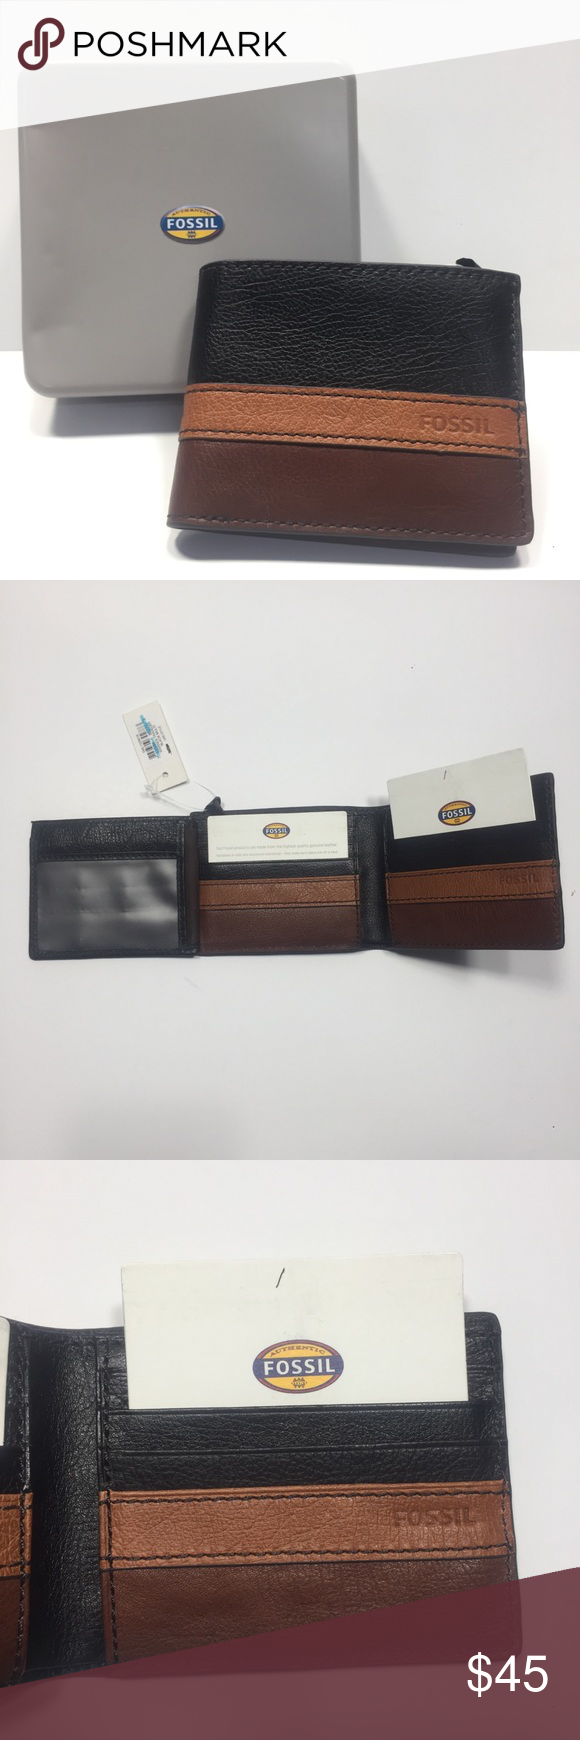 Fossil Warren Traveler Black Multi Trifold Wallet Nwt Trifold Wallet Fossil Wallet